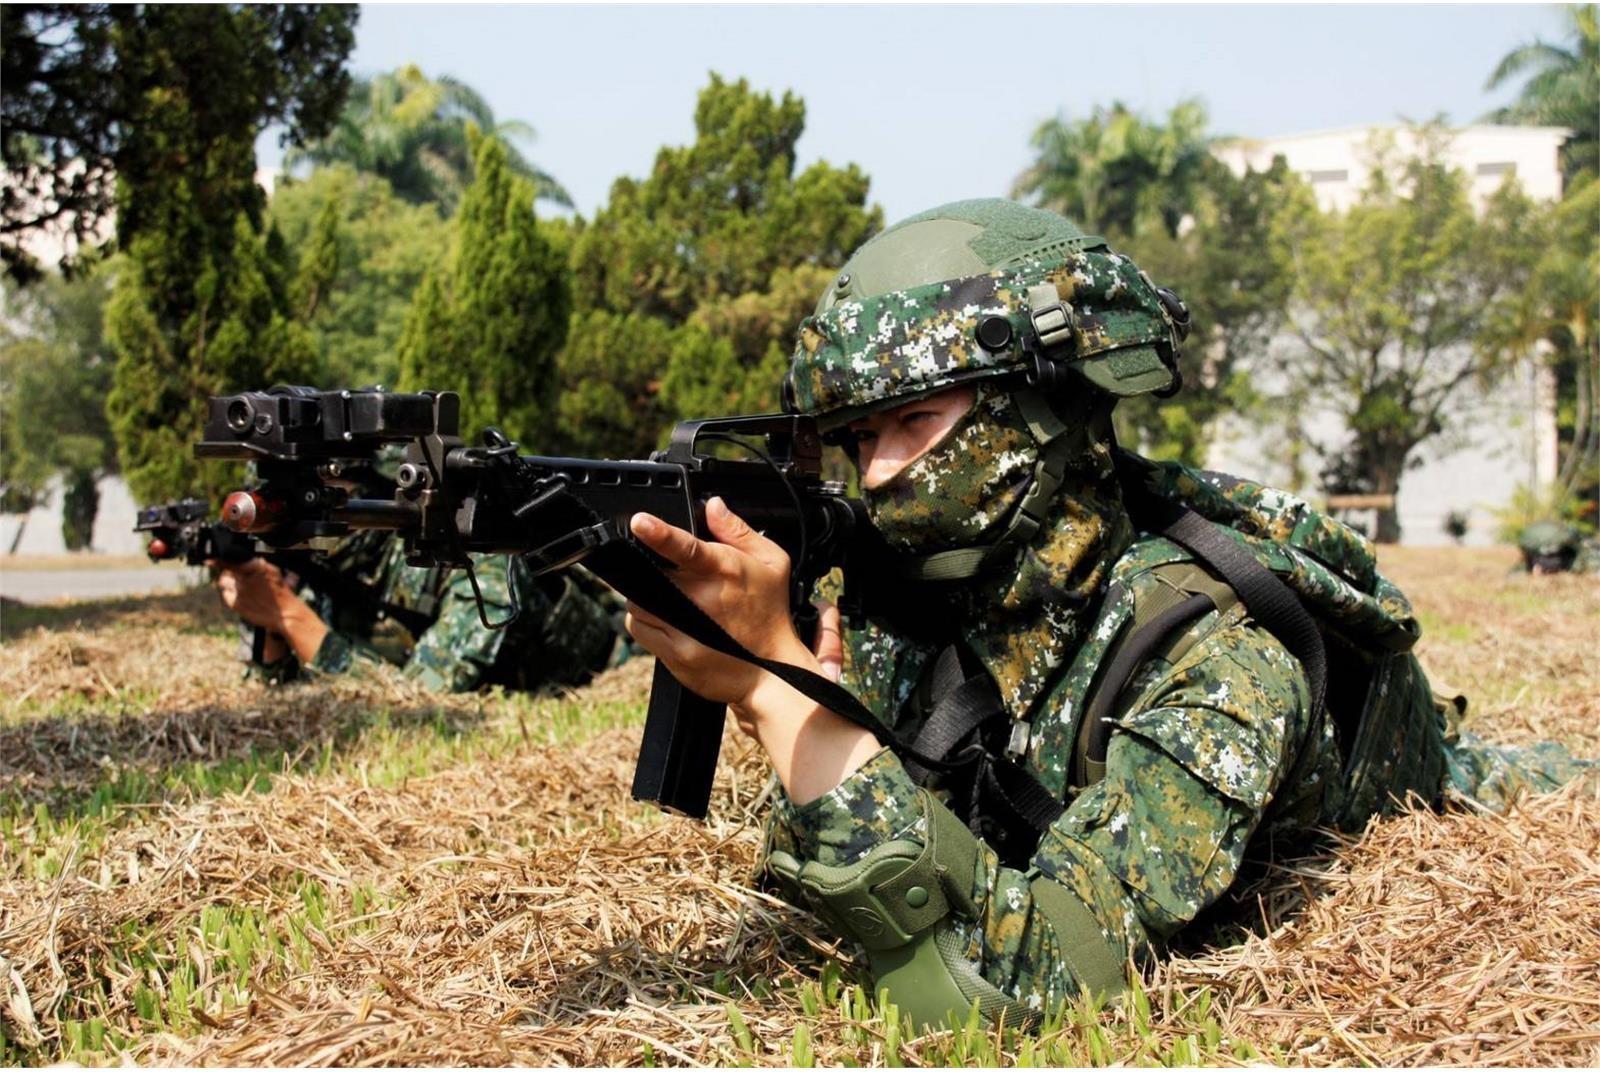 國防部,國軍,審計部,訓練,蚊子館,反恐演習,科技練兵,內政部